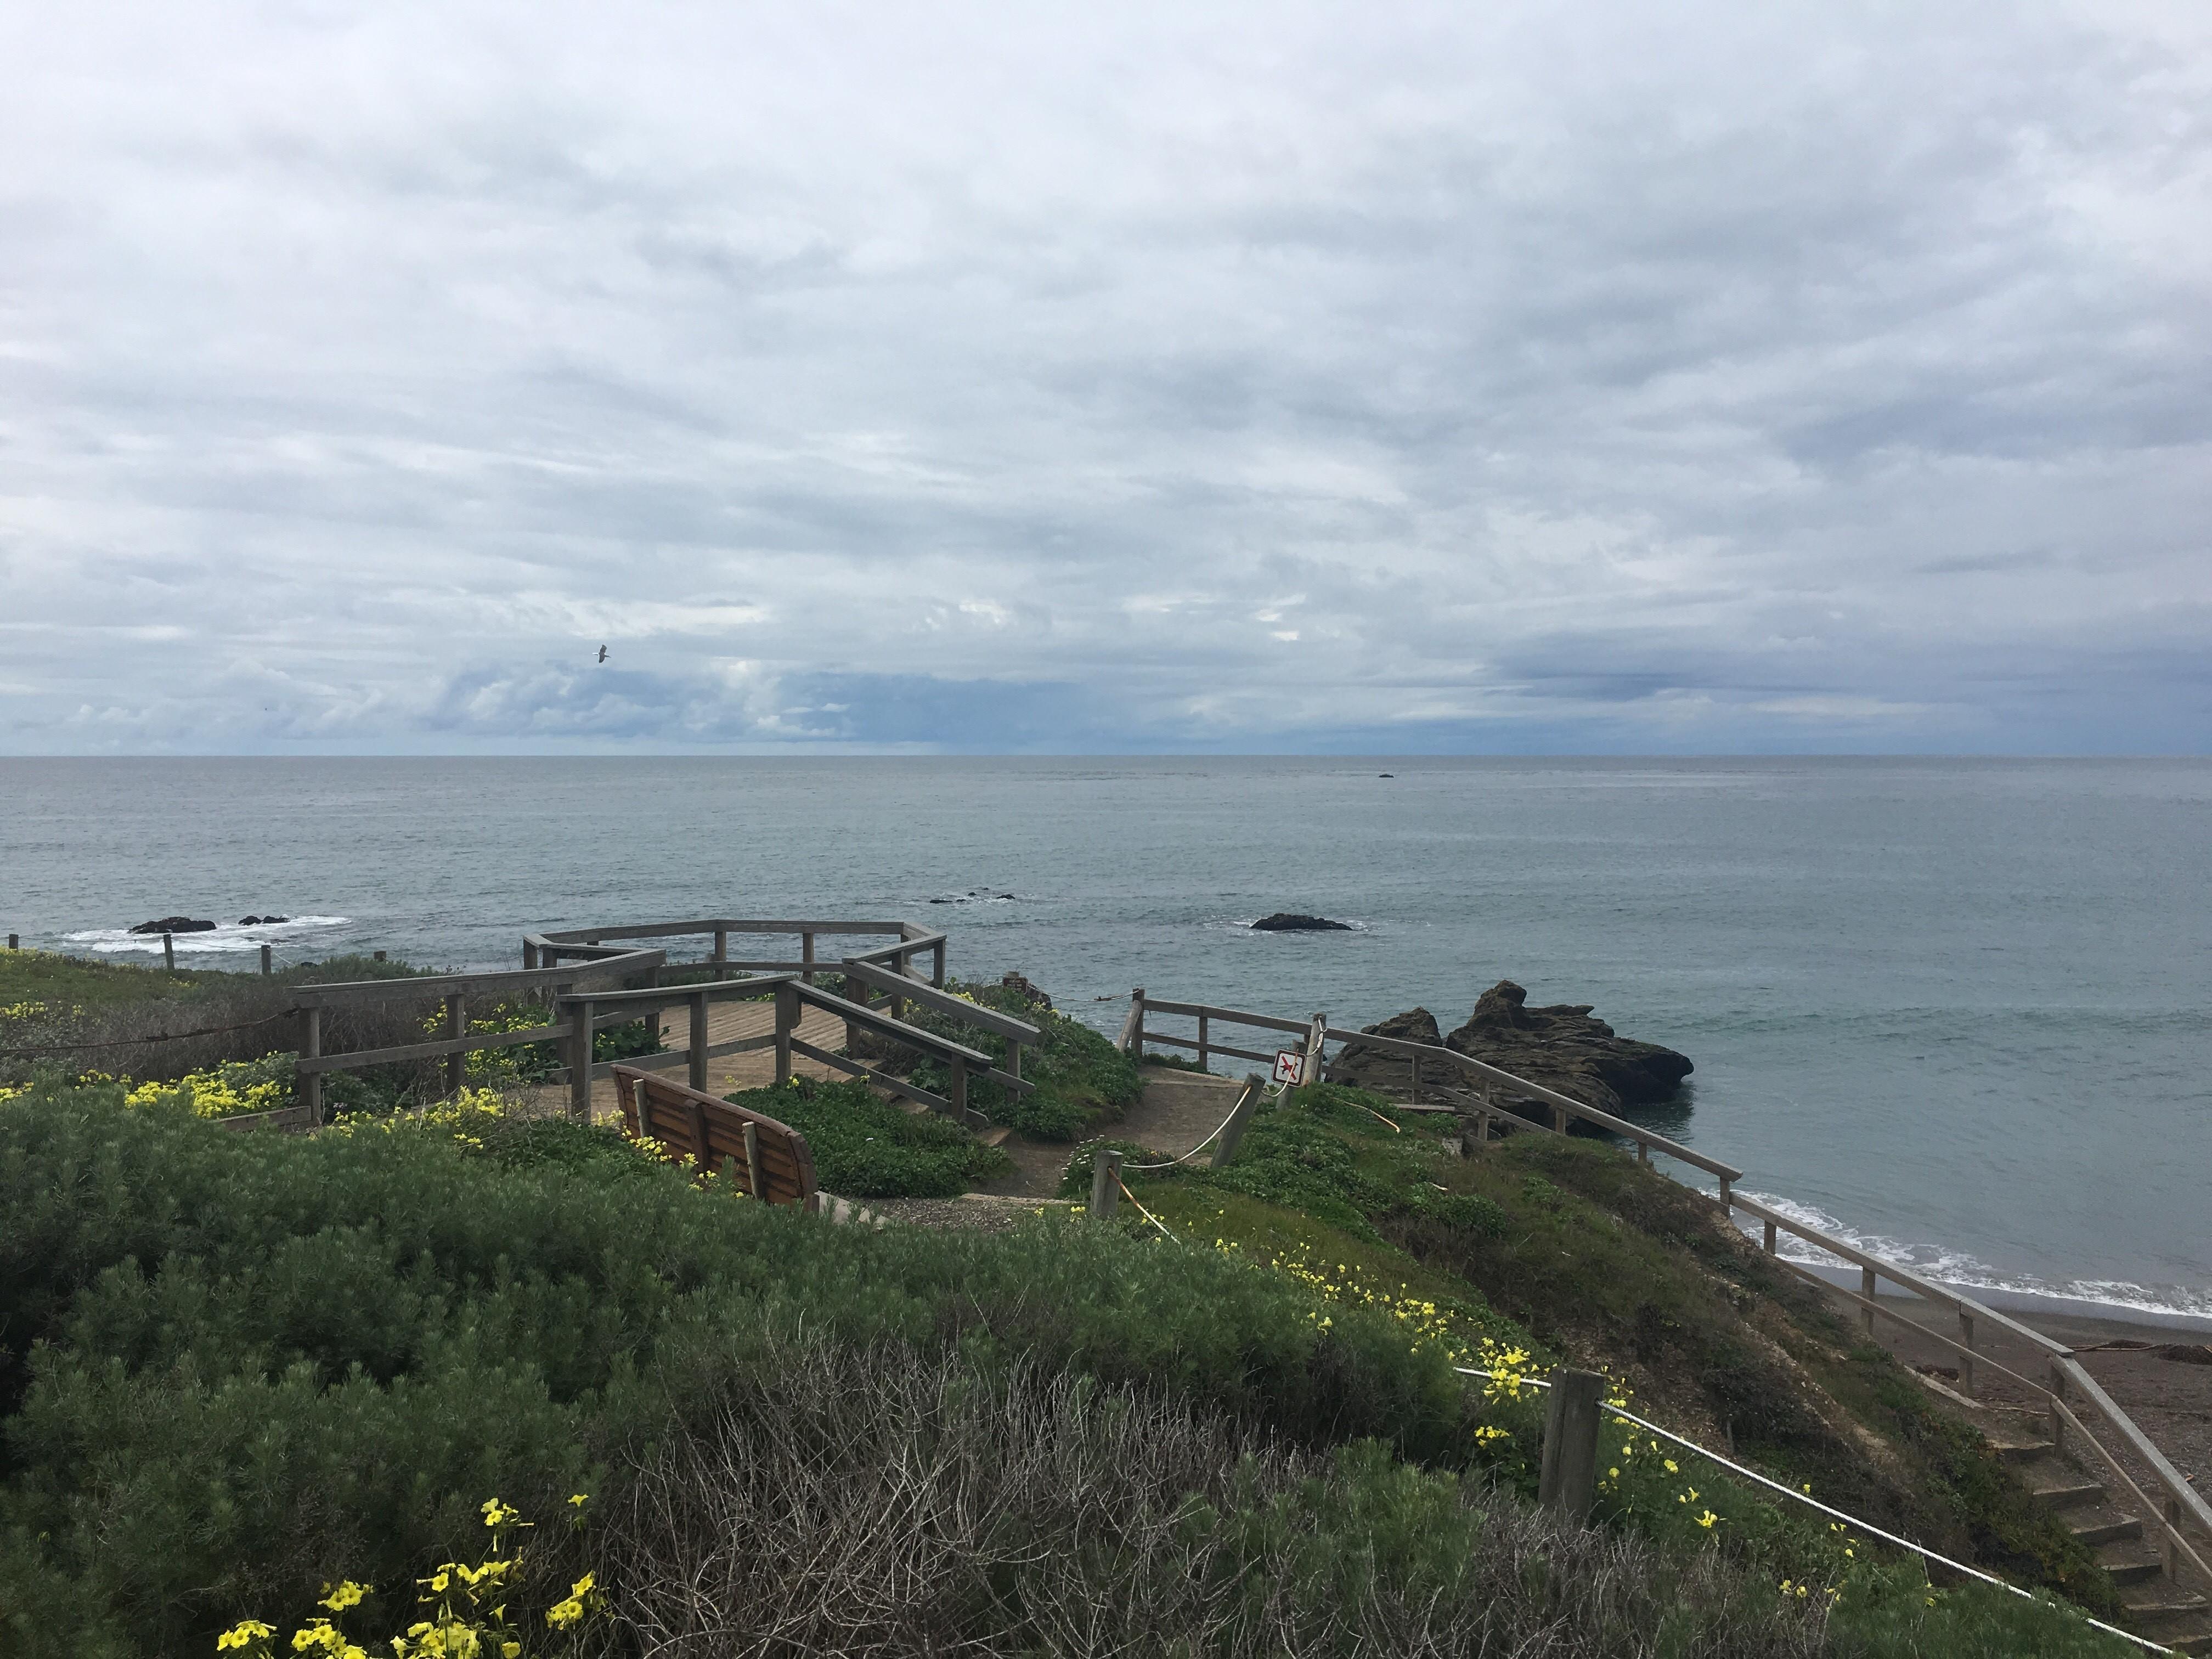 Moonstone Beach Boardwalk